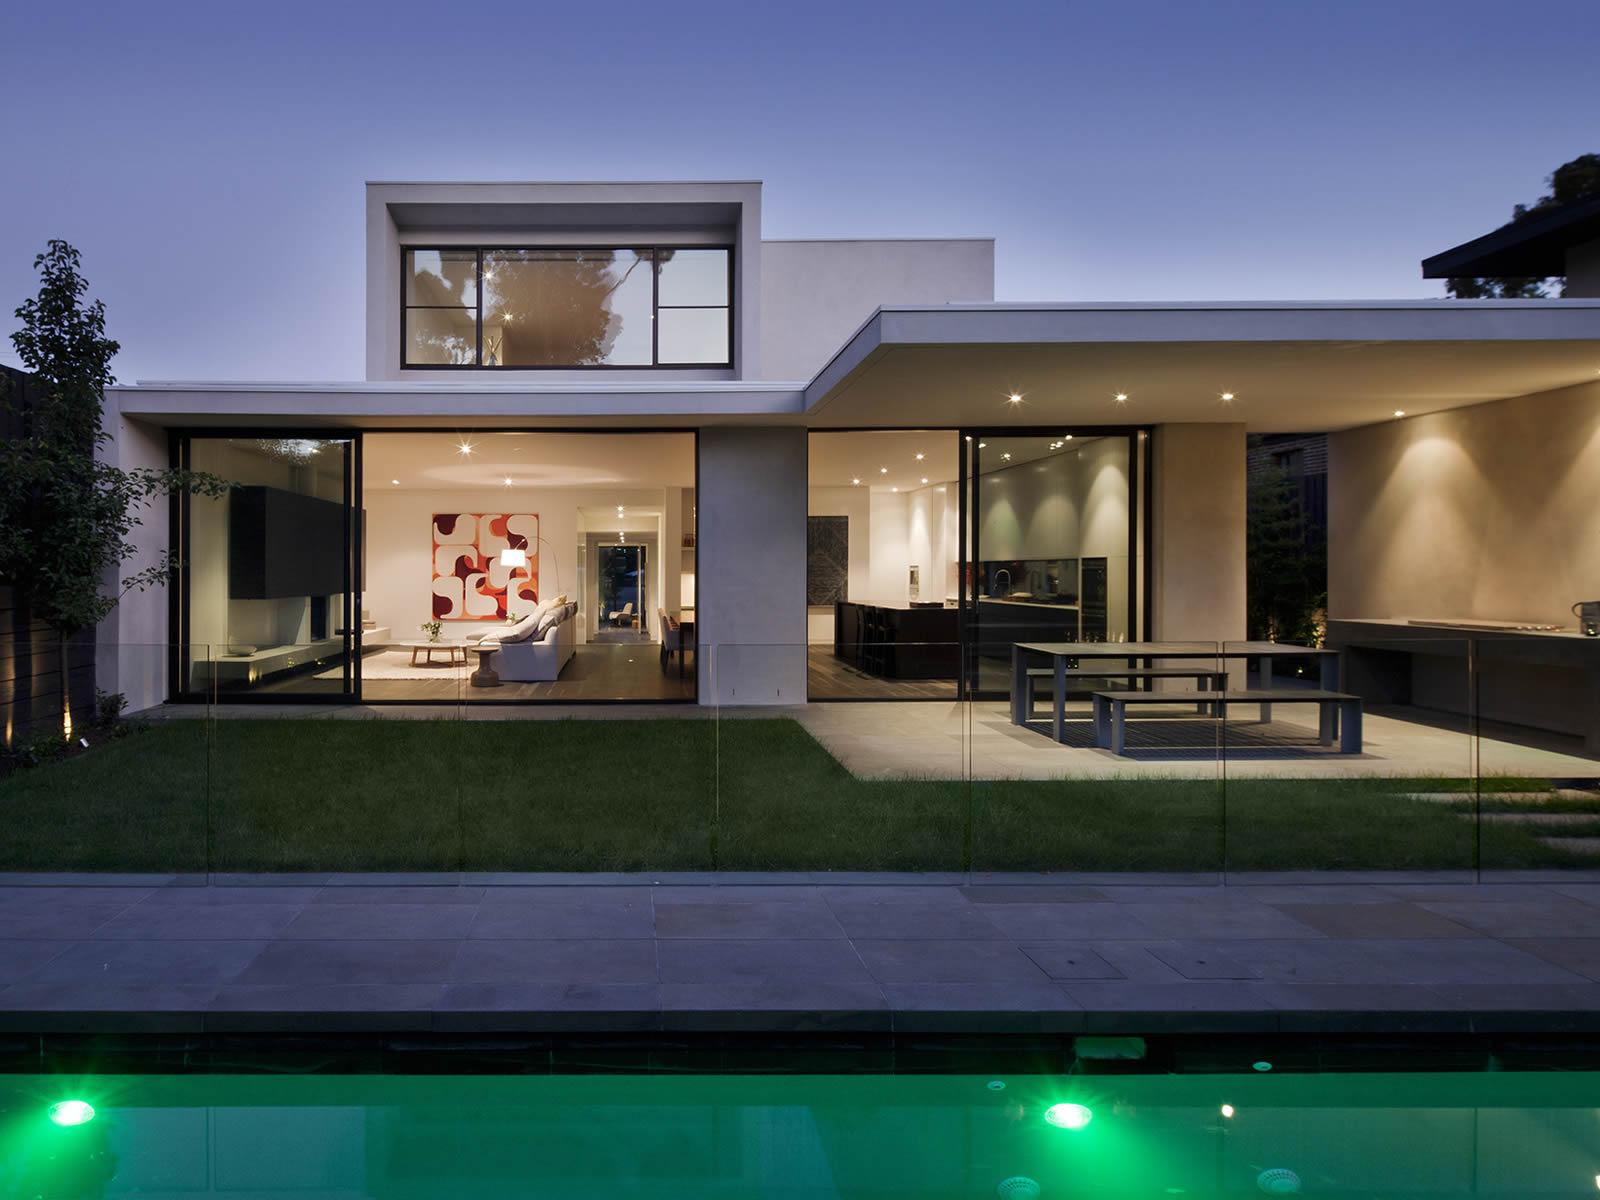 Proyectos de viviendas unifamiliares estudio de for Viviendas unifamiliares modernas